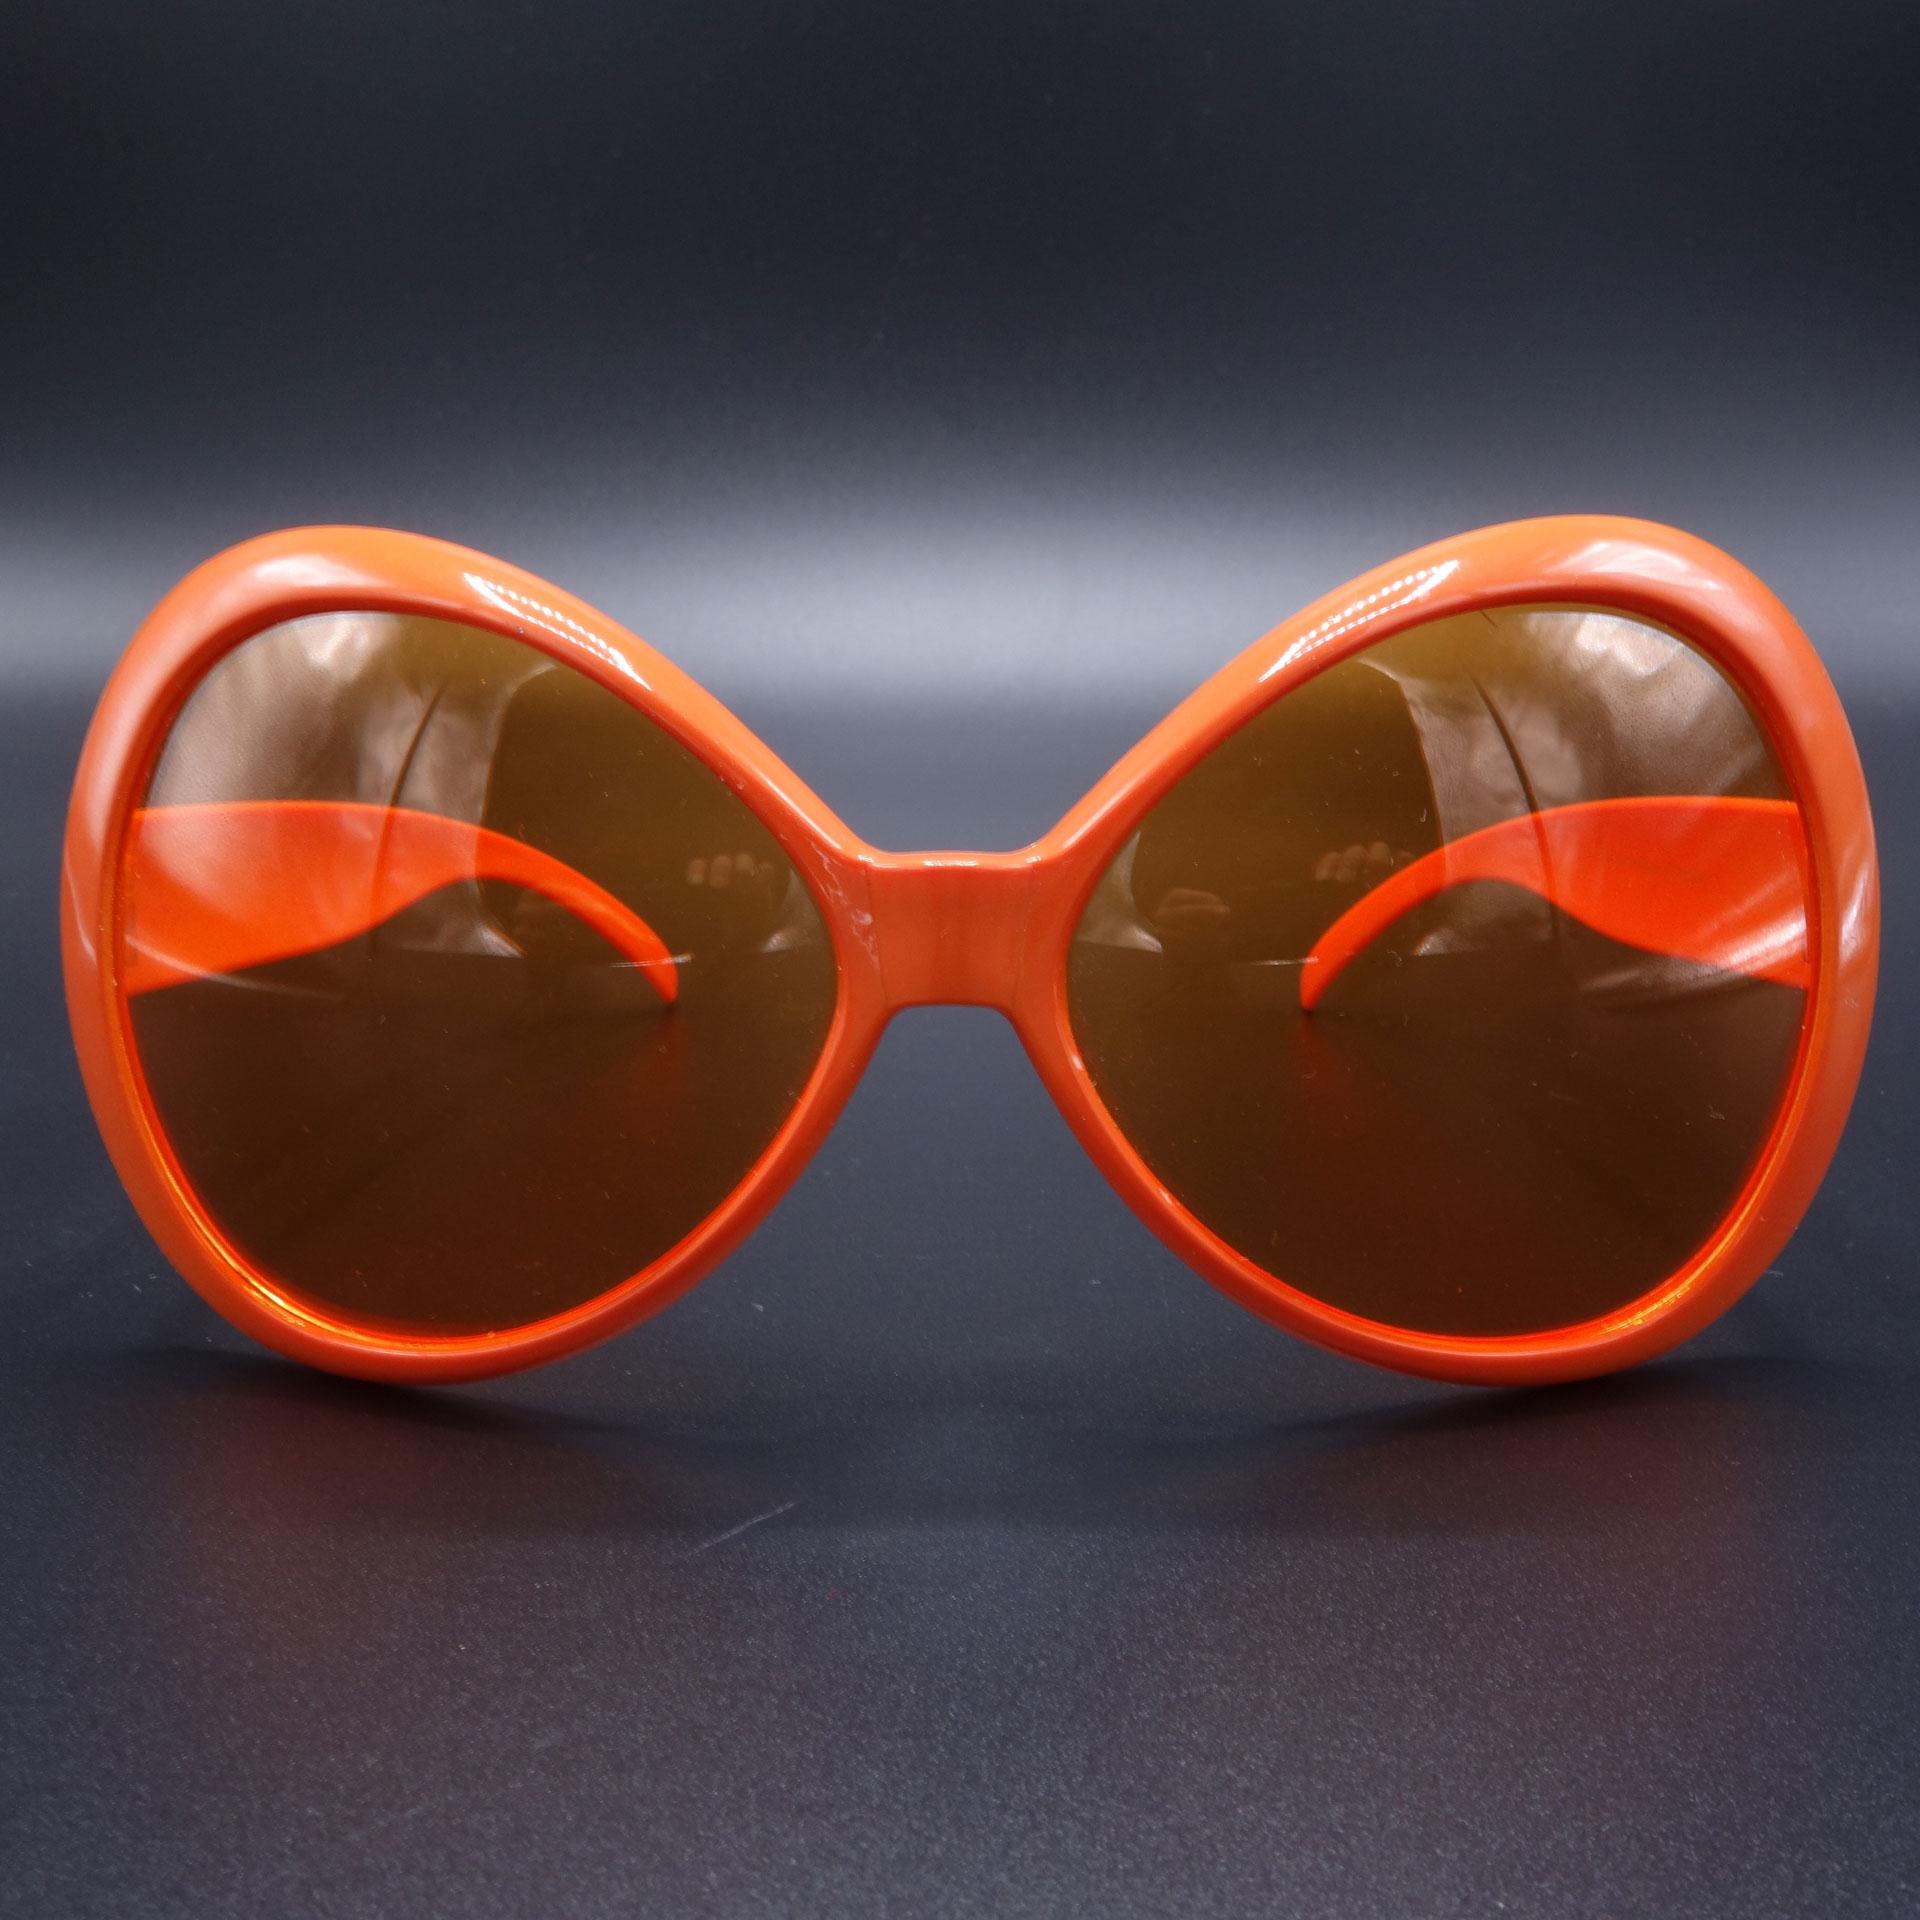 Partybrille Spassbrille Scherzartikel Grosse Brille Orange